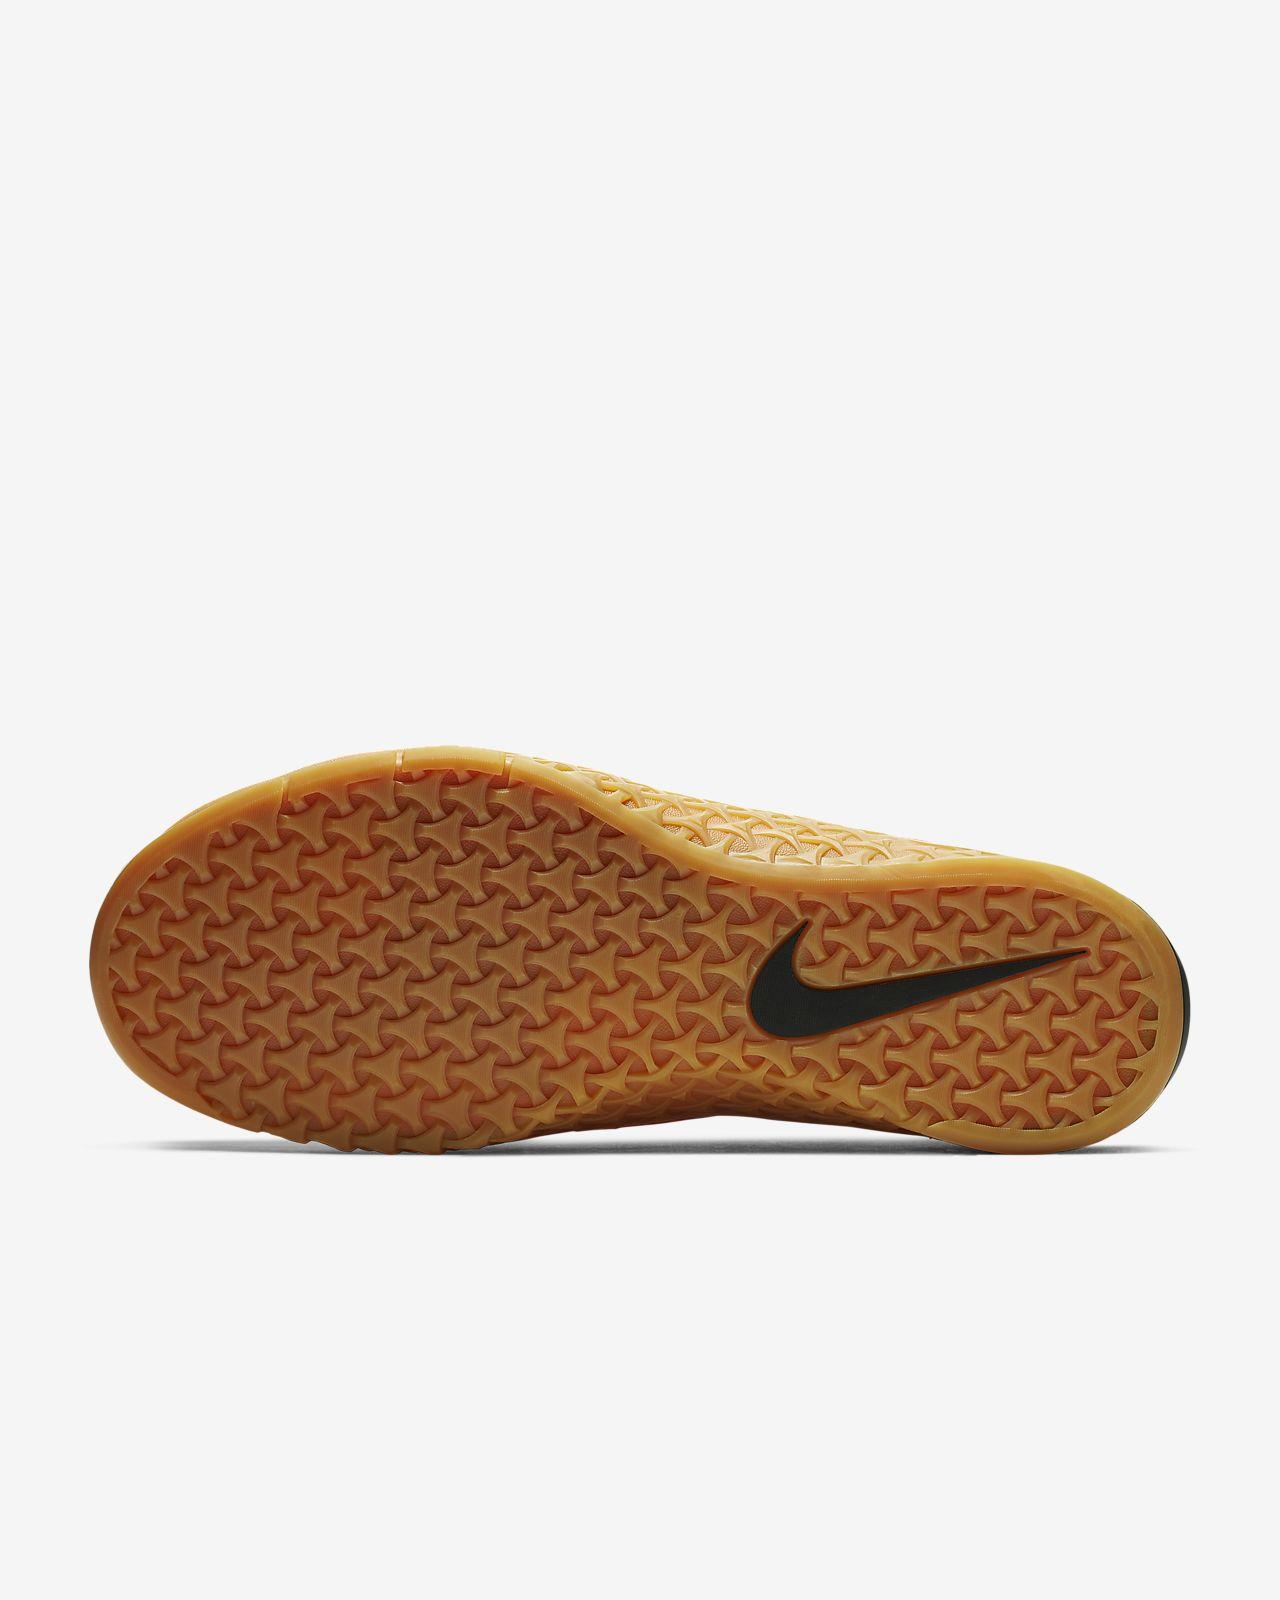 96d76057de26c Nike Metcon 4 XD Men's Training Shoe. Nike.com